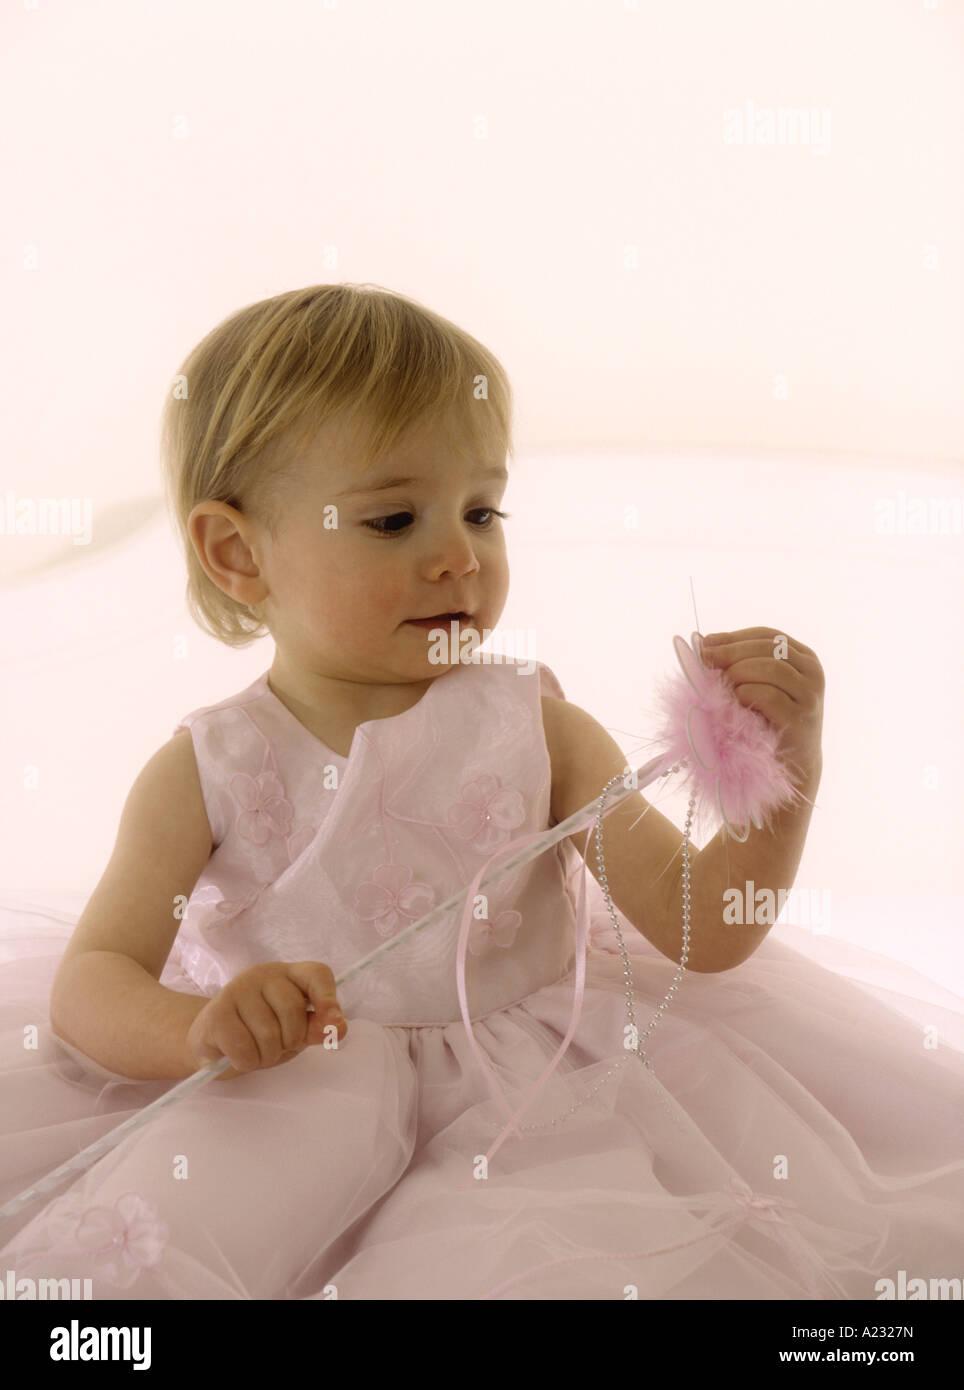 Kleinkind tragen eine rosa Party Kleid hält einen Stab Stockfoto ...